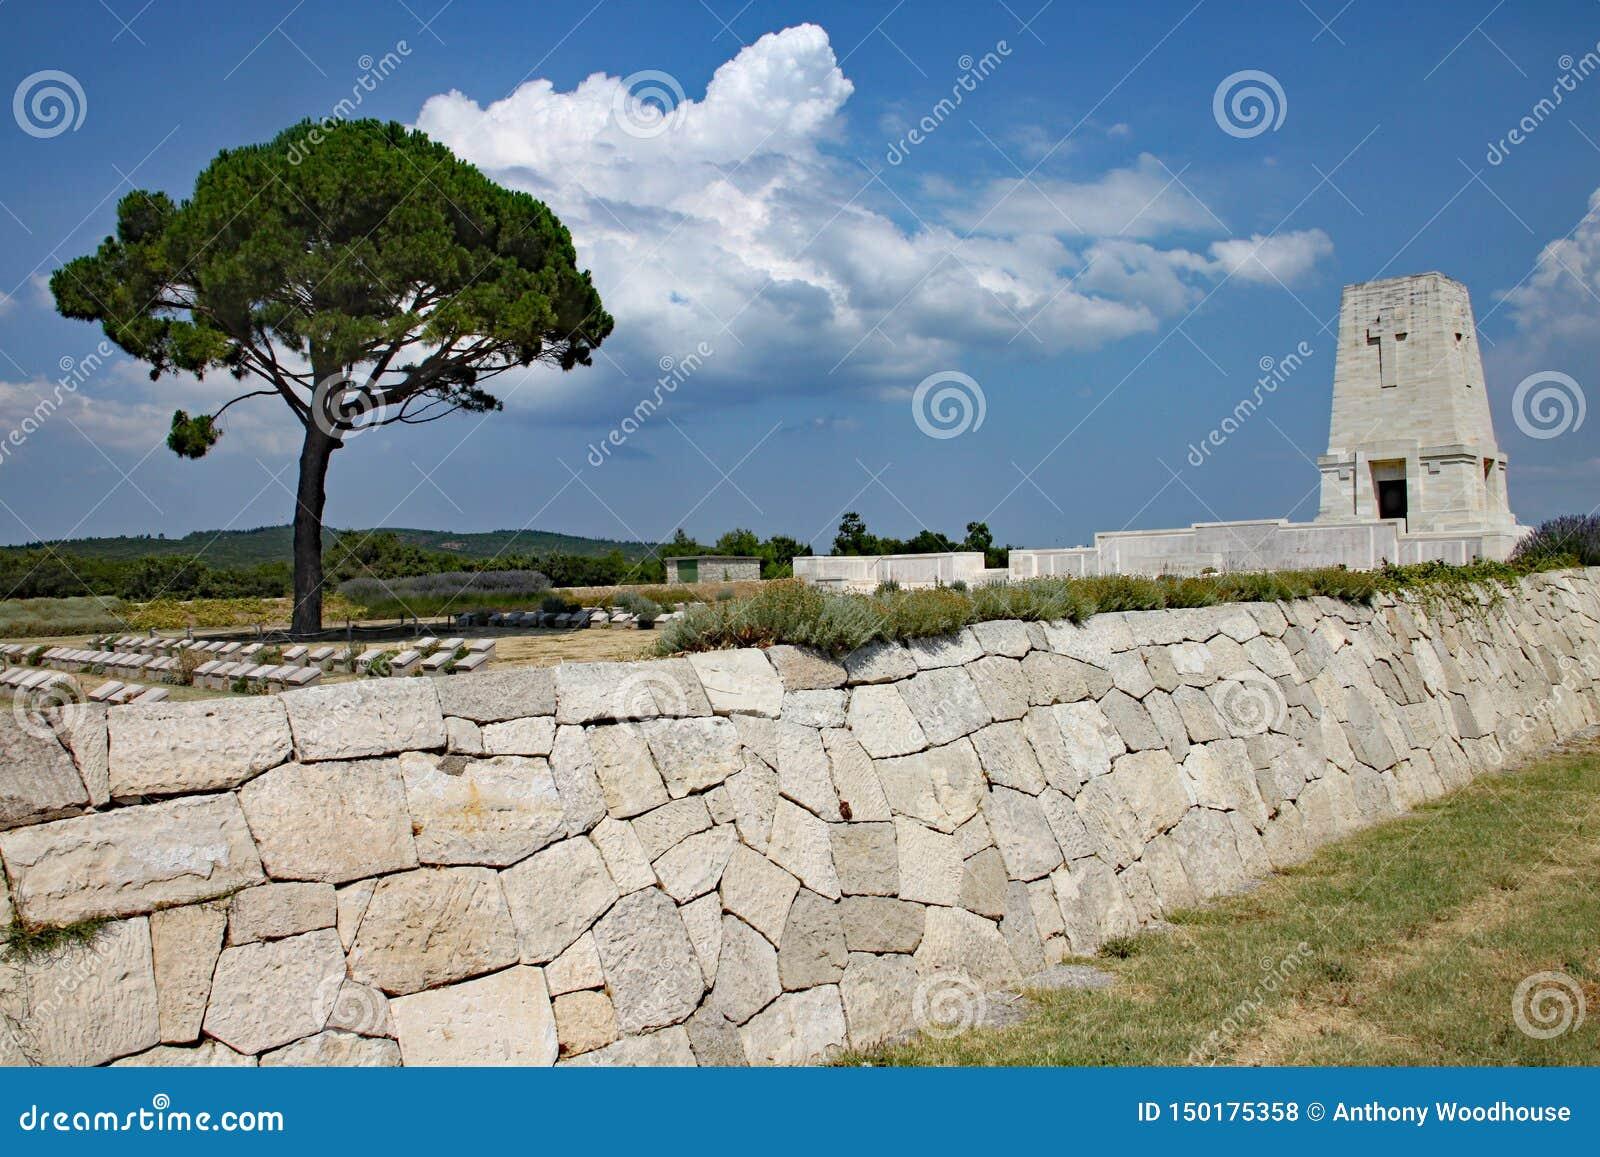 Cemitério solitário do pinho em Turquia, comemorando as tropas de Anzac do th que morreram na batalha de Gallipoli